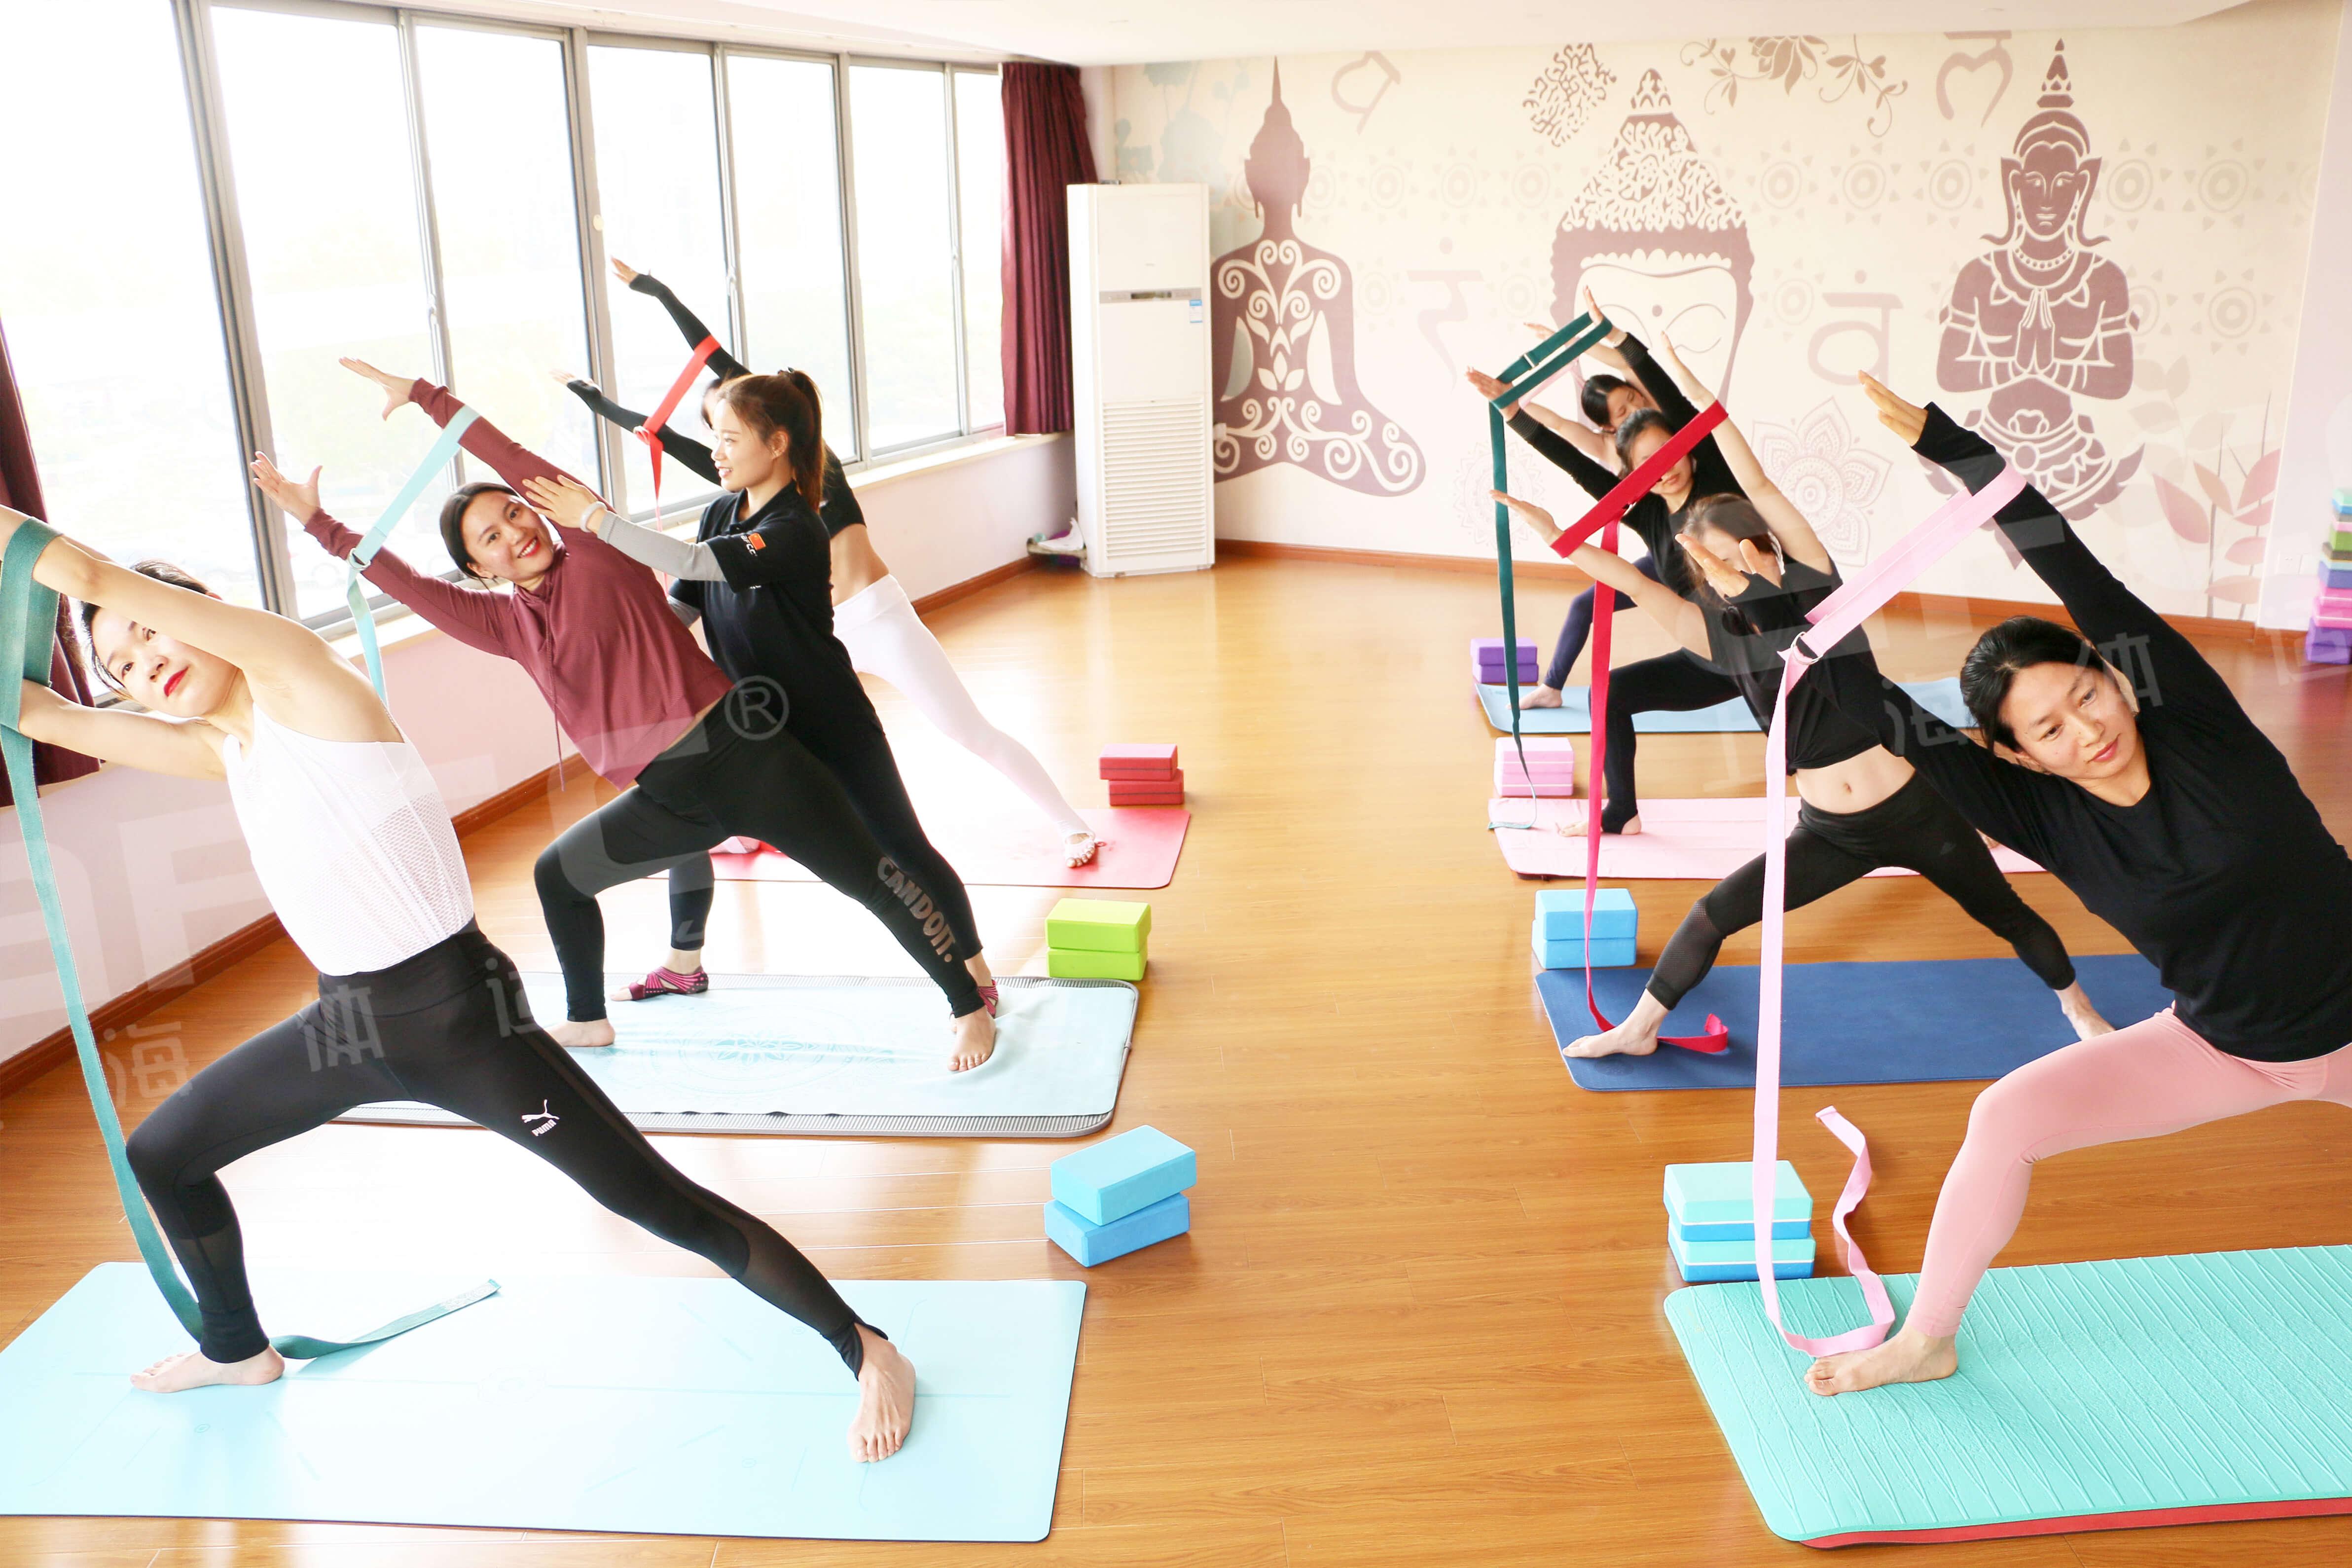 瑜伽教练职业生命长,瑜伽是终身运动